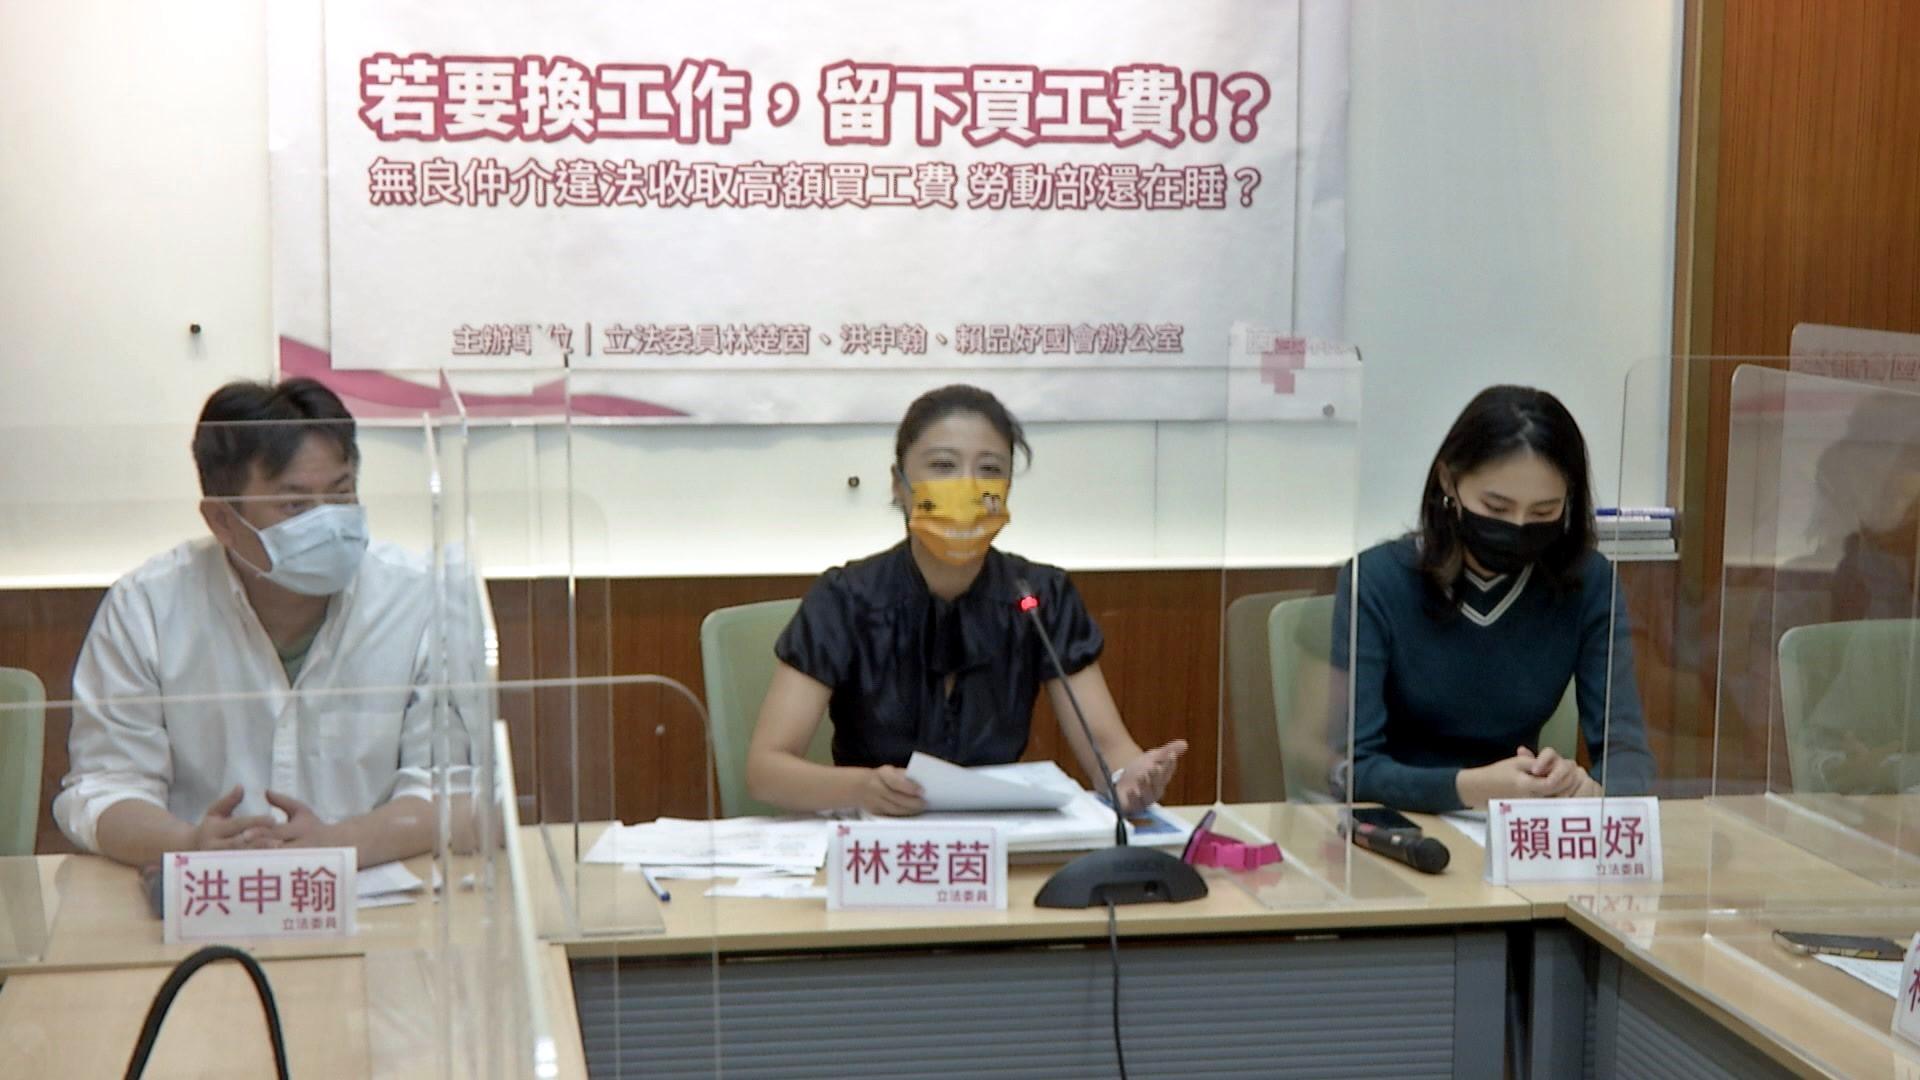 PMA protes pemungutan biaya ilegal oleh agen kerja